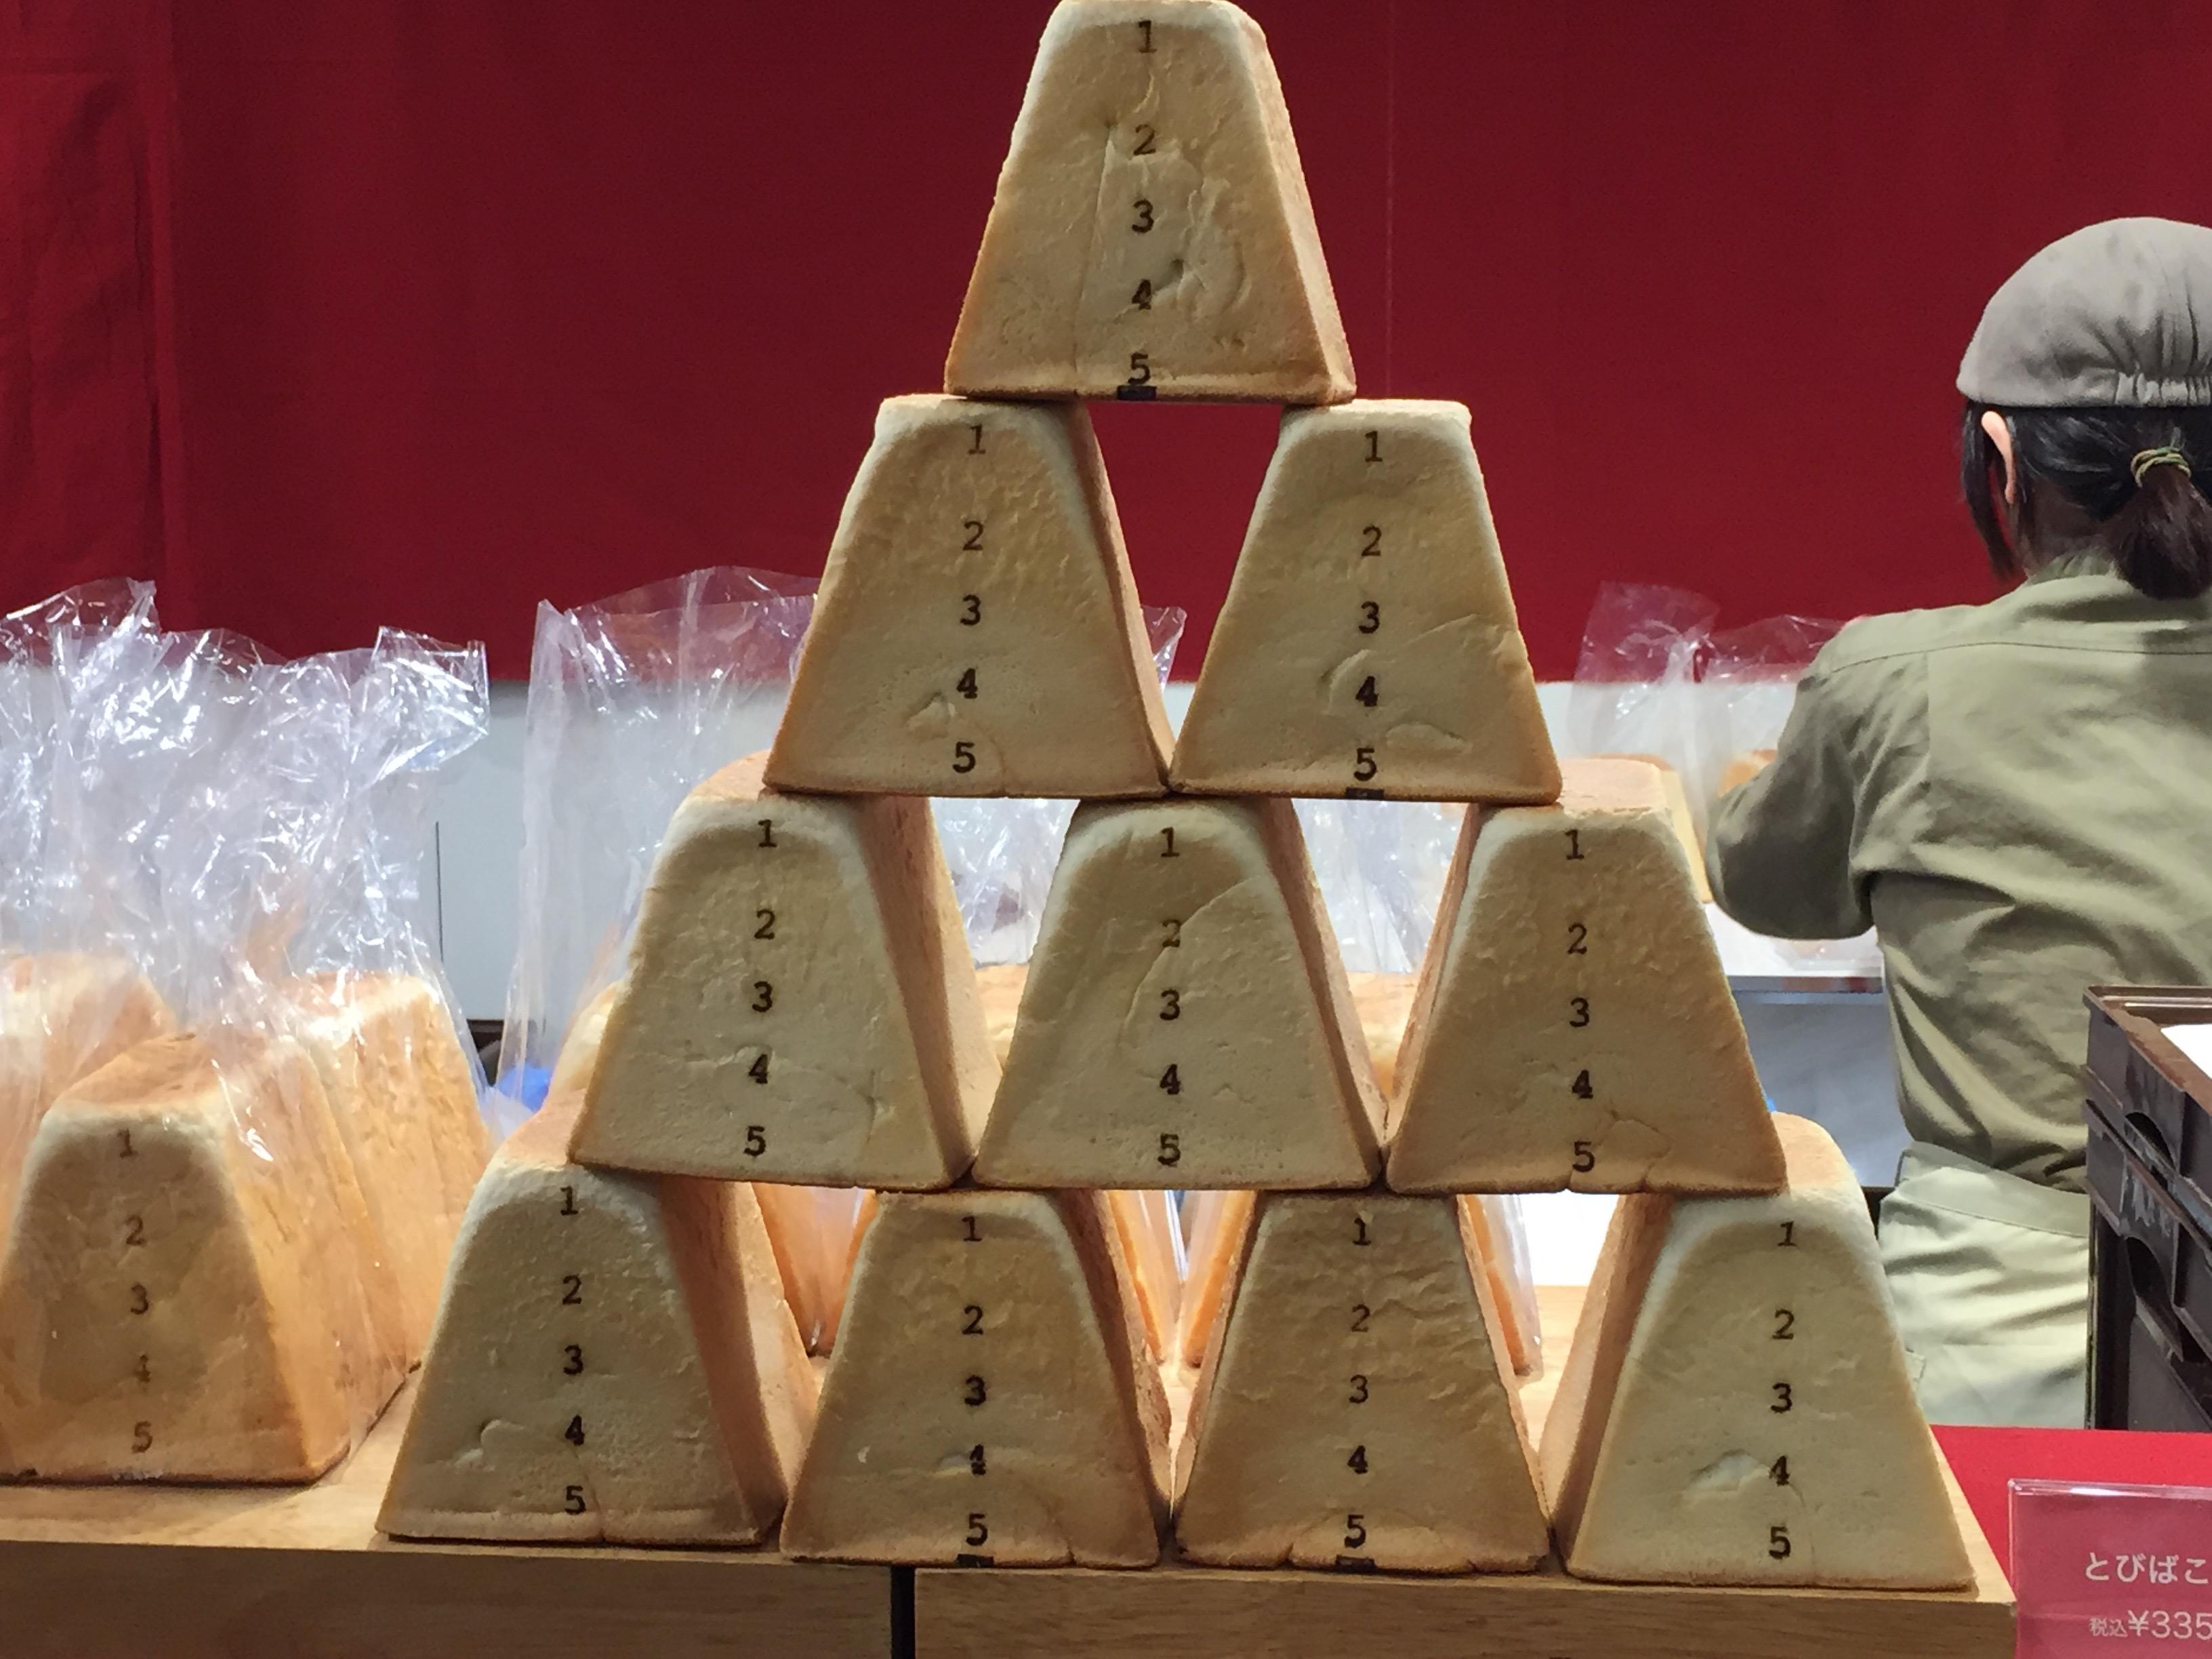 とびばこパンを買いにあべのハルカスのパン&スイーツFestaへ